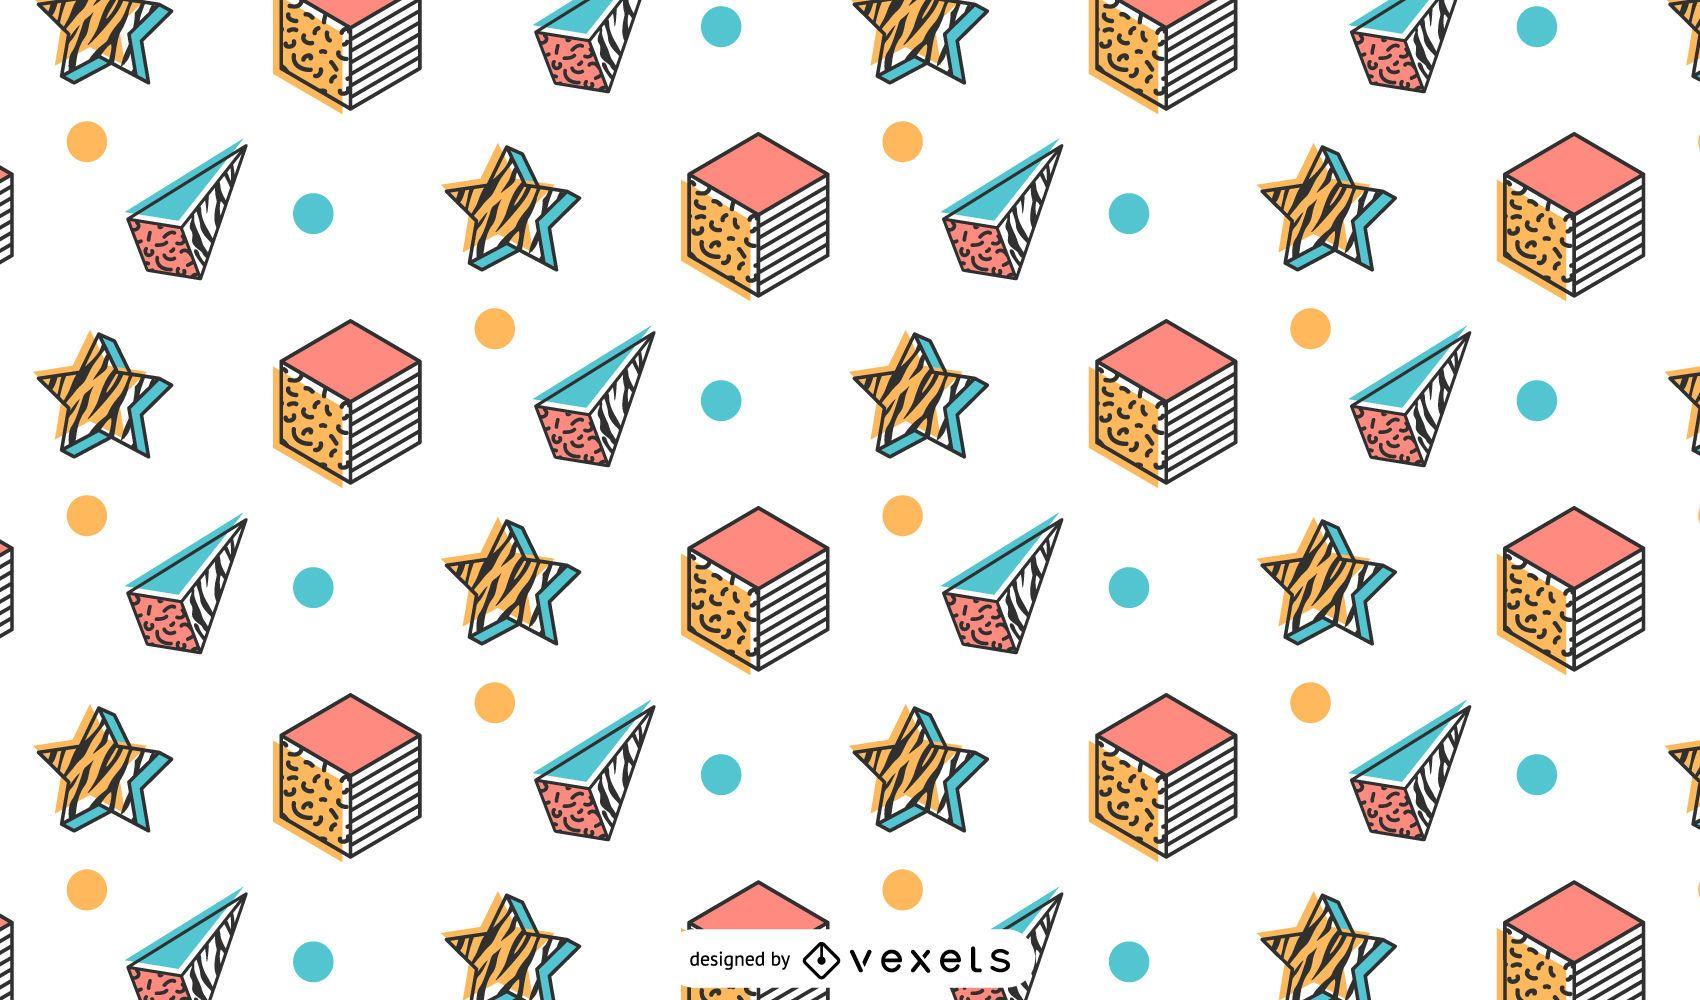 Memphis retro pattern design